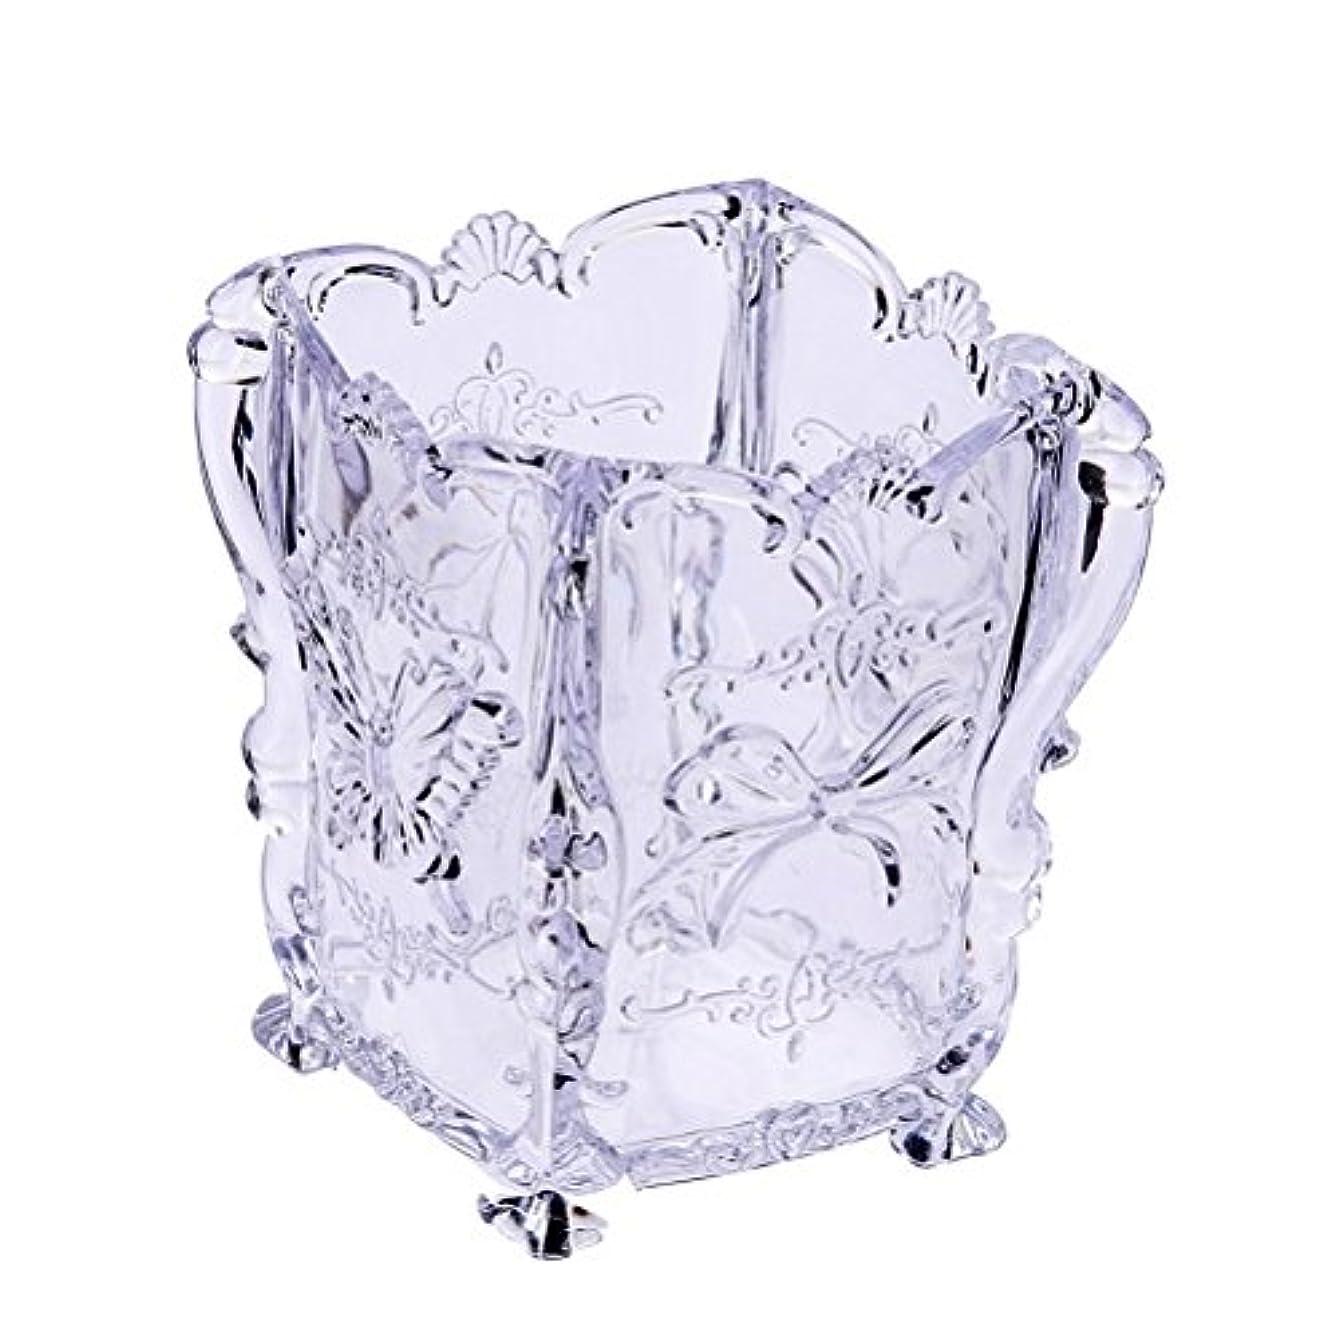 ニュース結婚したフェッチファッション新しいデザインアクリルメイク化粧品収納ボックスケースブラシホルダーペン主催装飾4色-ゆとり